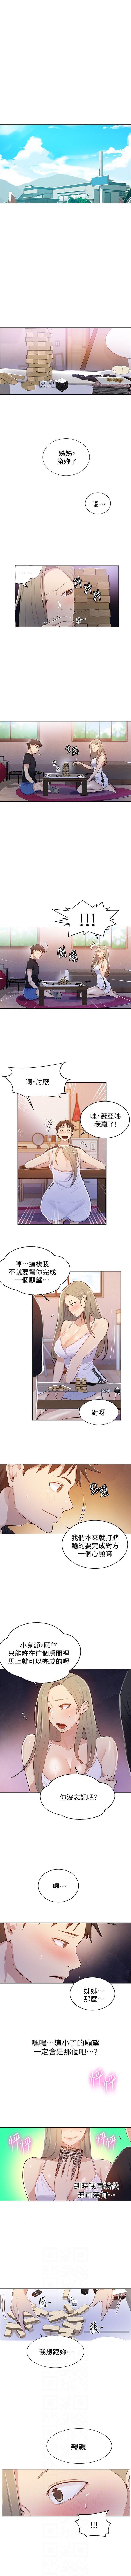 秘密教學  1-50 官方中文(連載中) 101